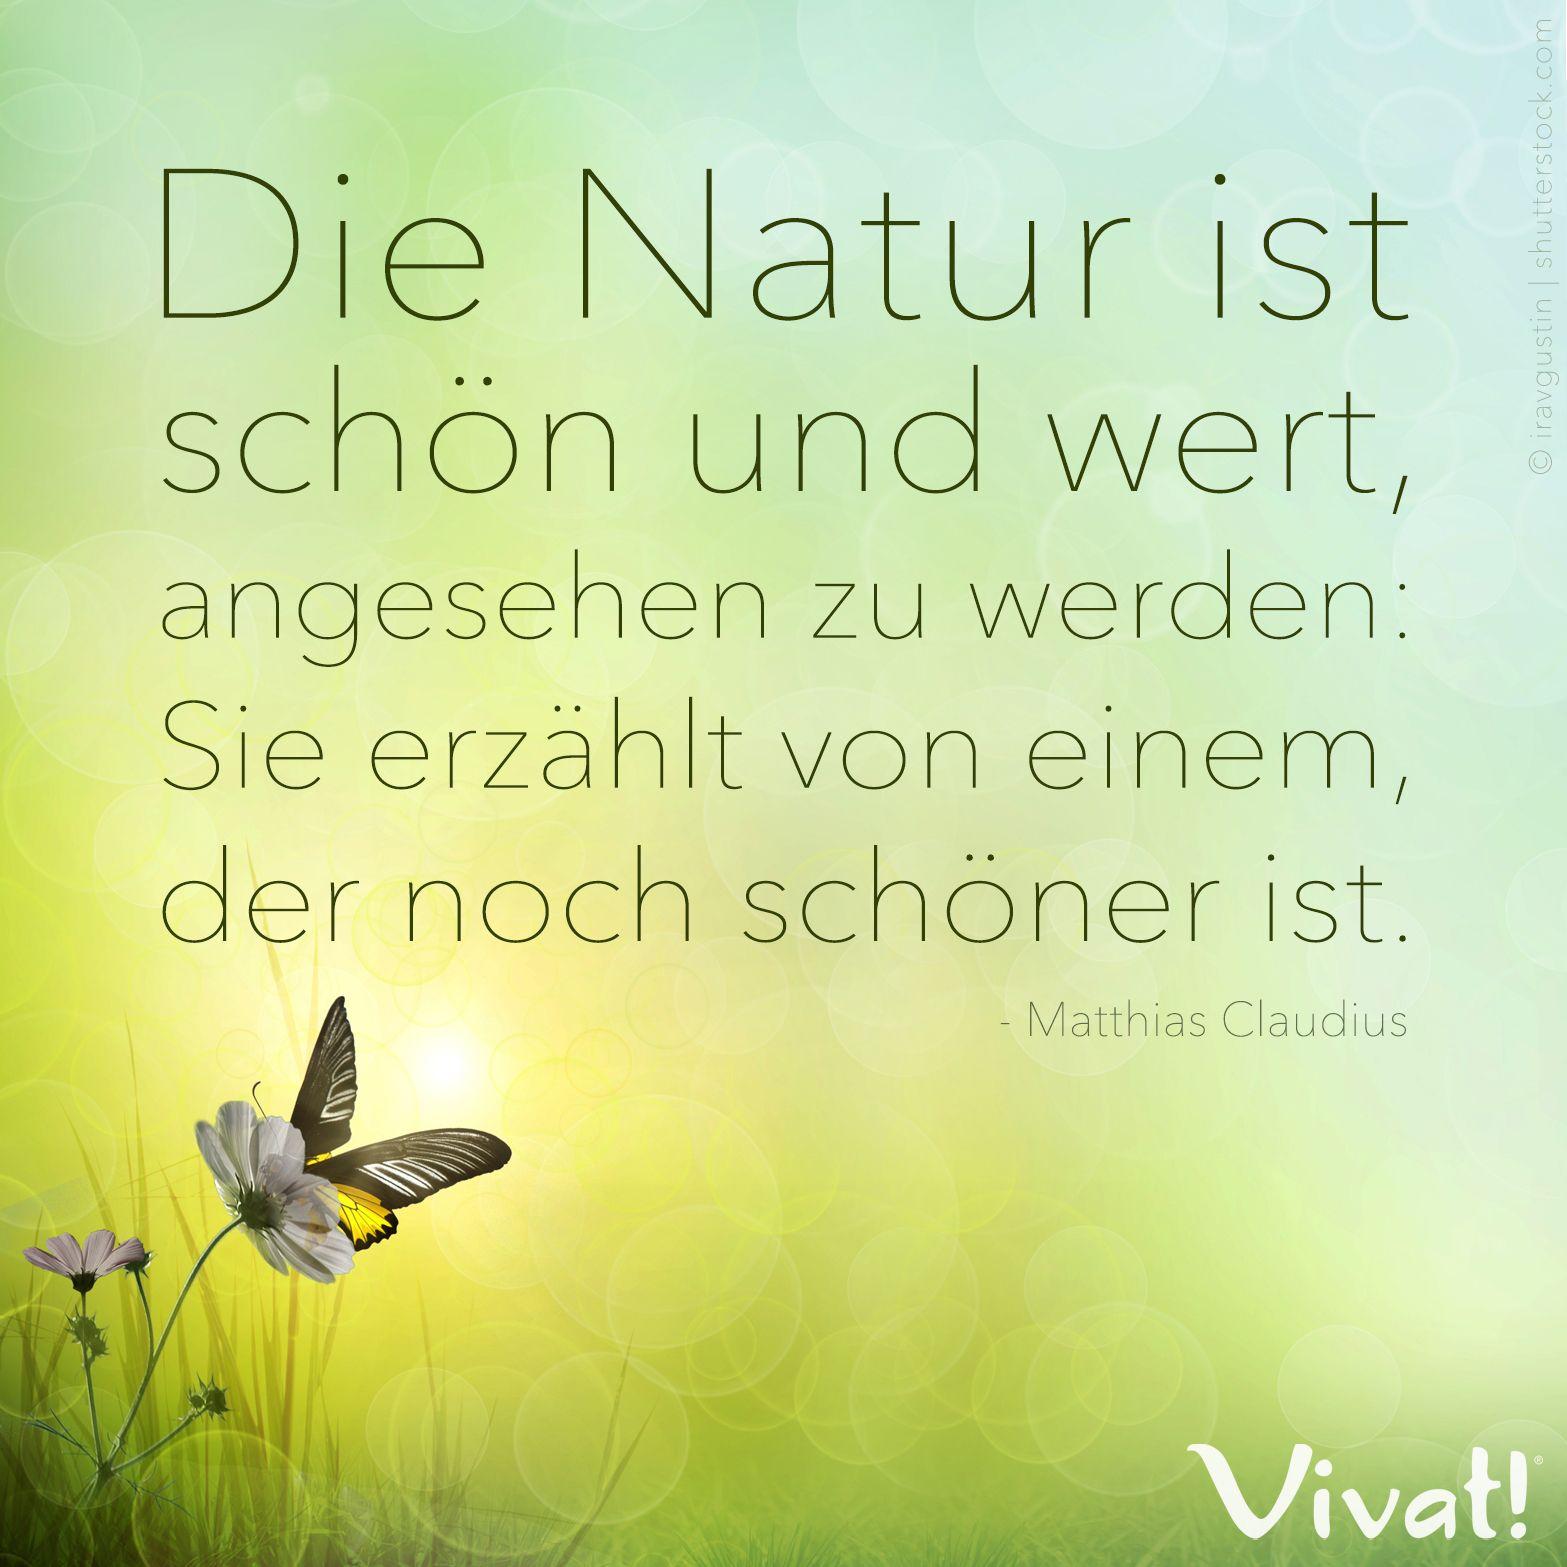 sprüche über natur Zitate und #Sprüche: »Die Natur ist schön und wert, angesehen zu  sprüche über natur